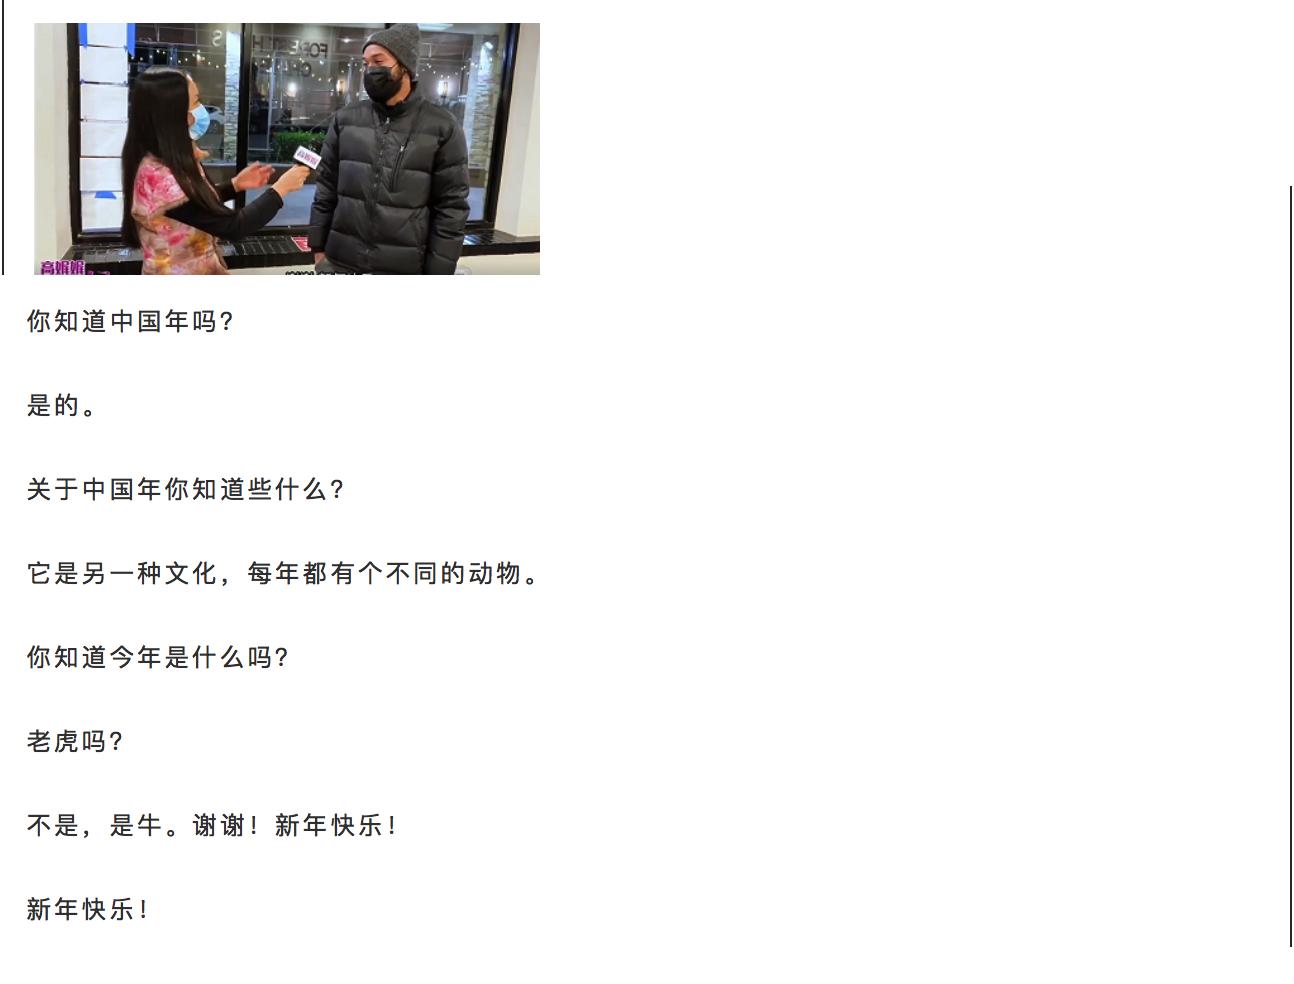 高娓娓:美国人对春节的蜜汁迷惑:中国人太财迷?新年为啥要恭喜发财?关于春节老美都 ..._图1-10